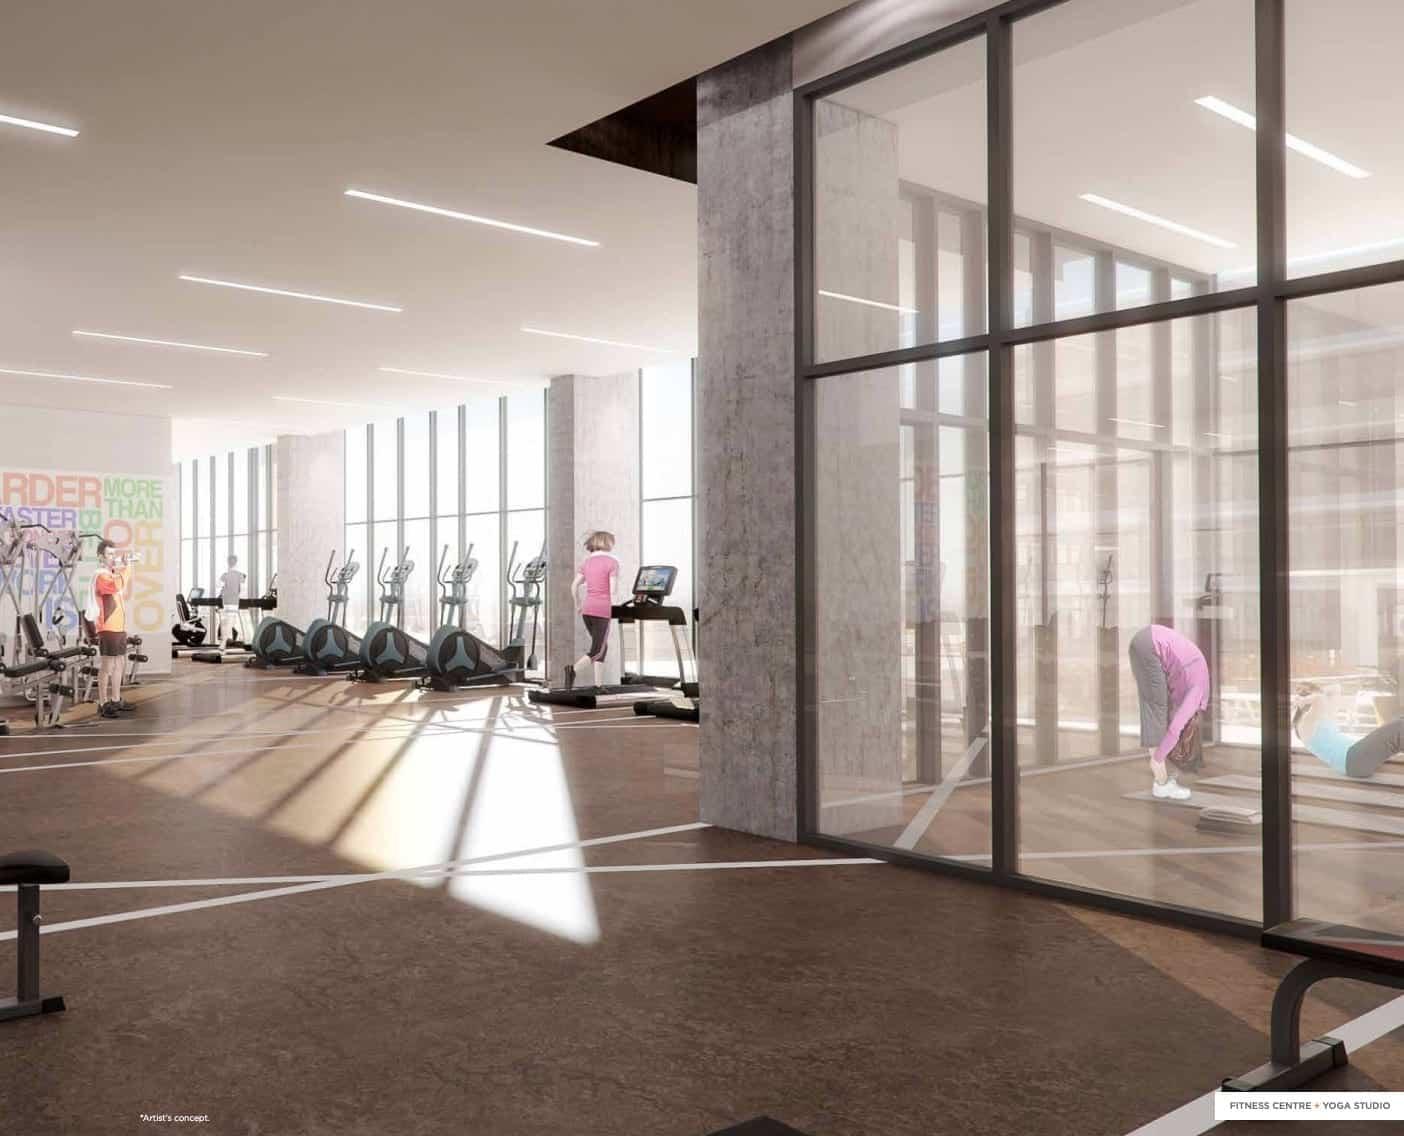 Charisma Condos Fitness Centre True Condos